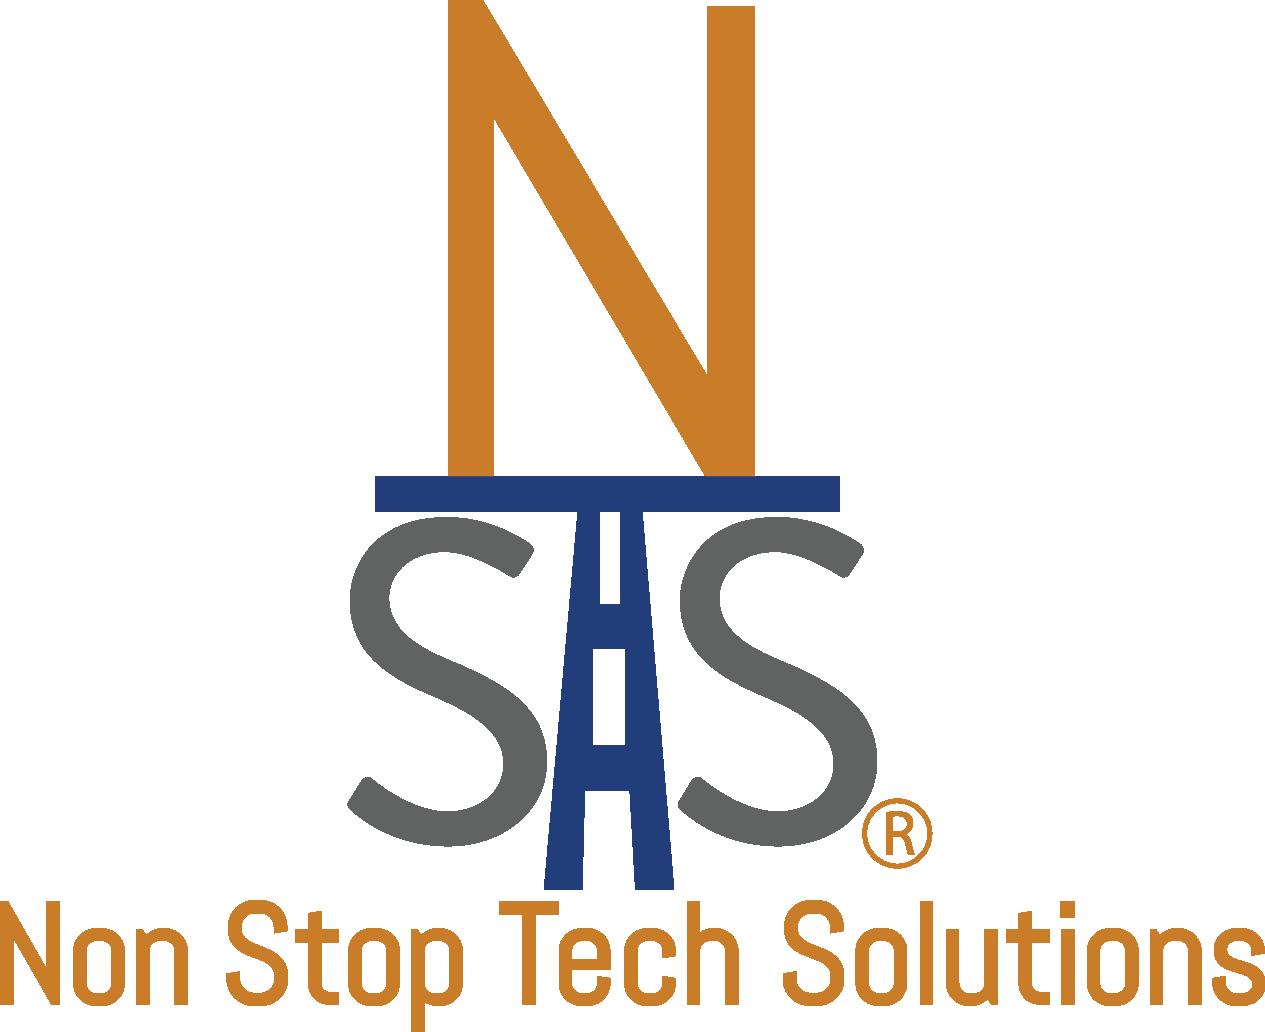 NSTS_full-logo_R